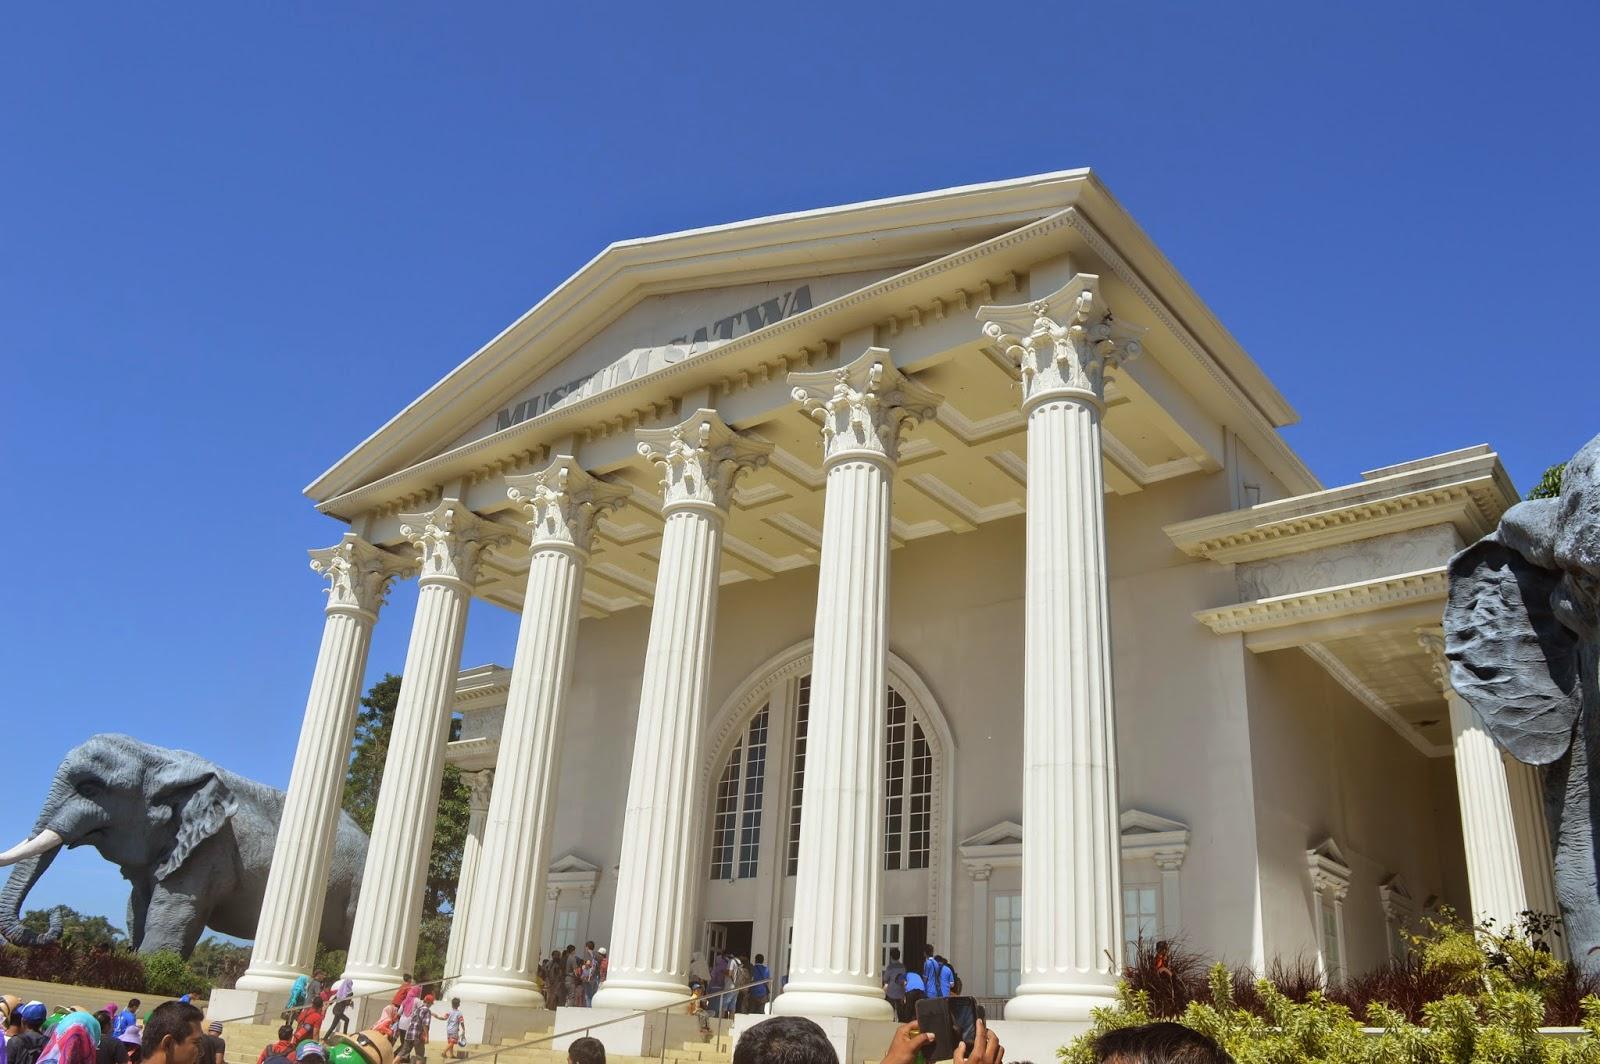 Wisata Jatim Park 2 Batu Wajib Dikunjungi Museum Satwa Jawa